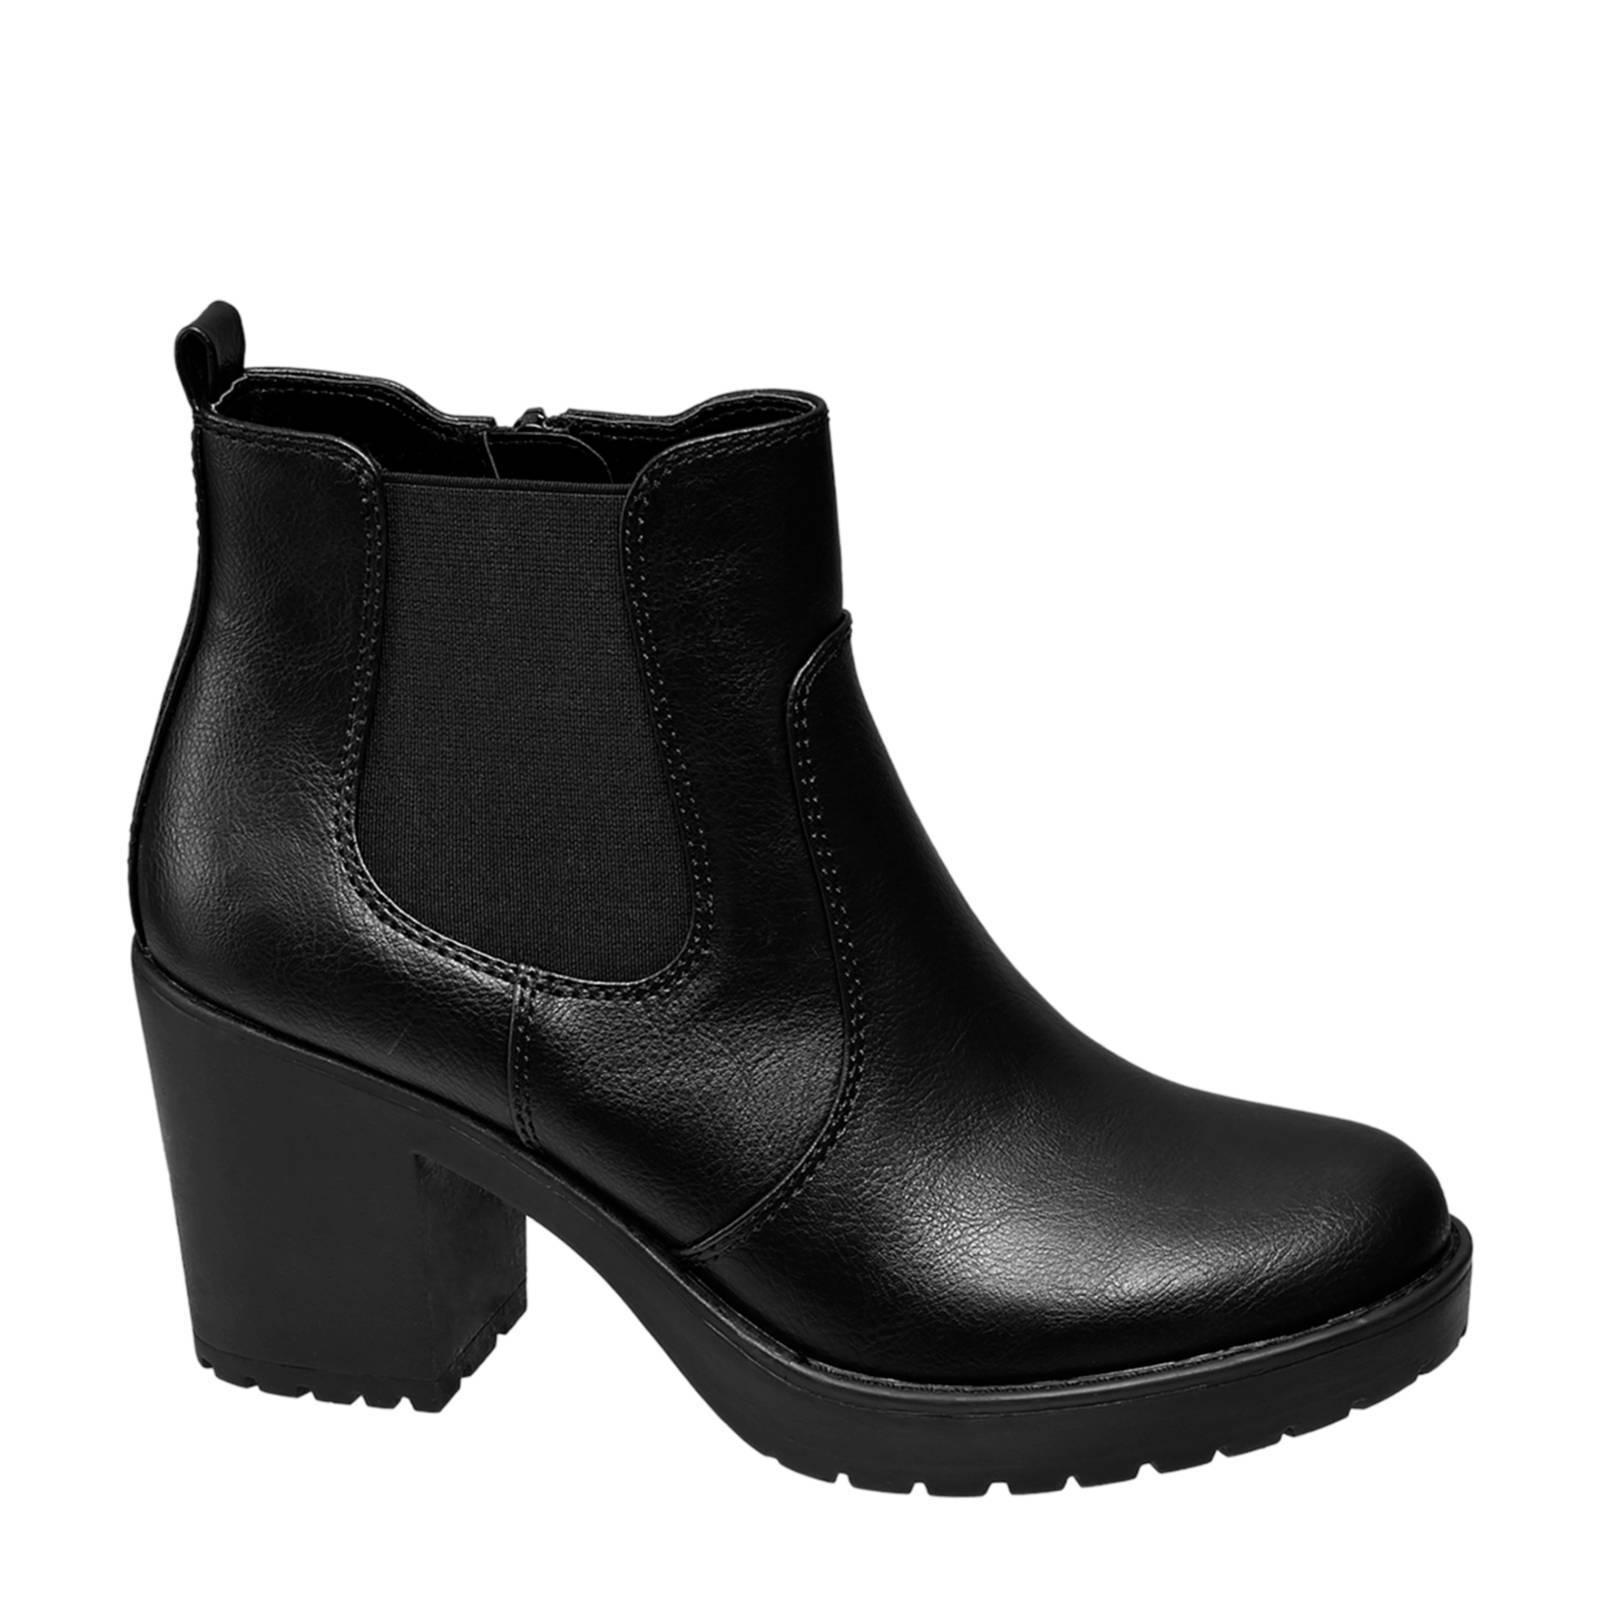 Dames Graceland Schoenen online kopen? Vergelijk op Schoenen.nl